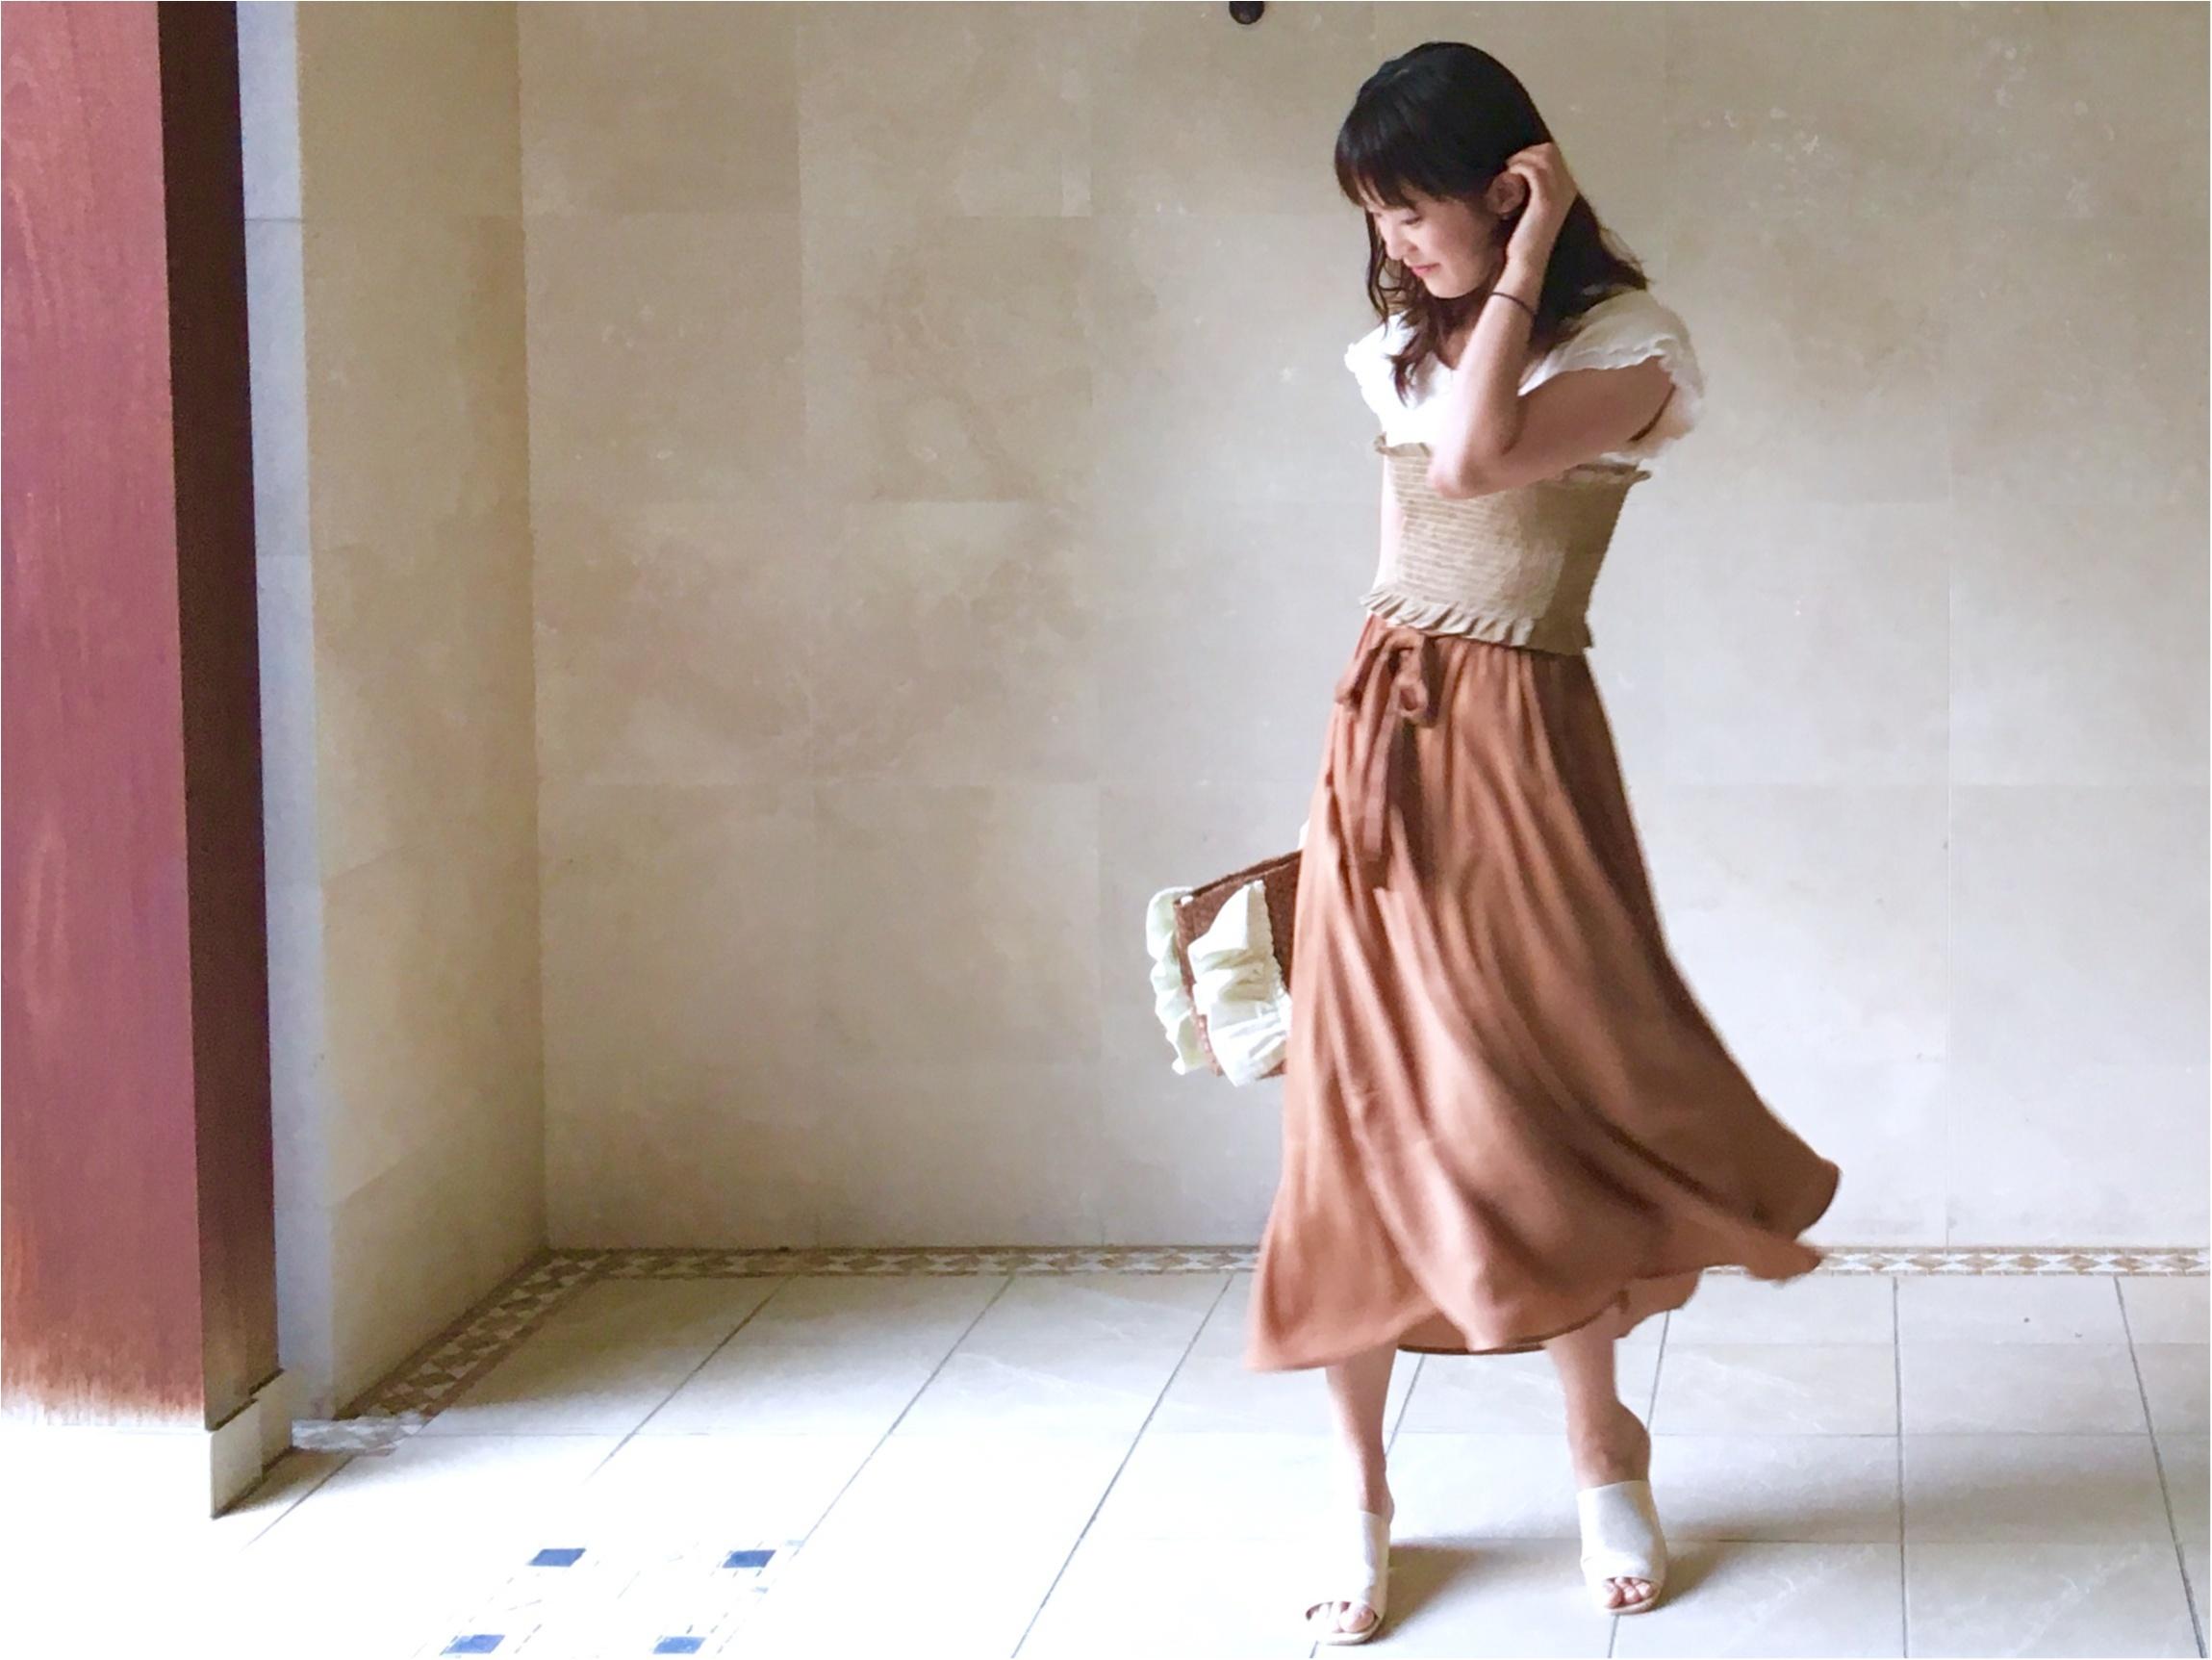 【GU】着ていると褒められる《高見えスカート》❤️¥1500で今から秋まで着倒せます!_3